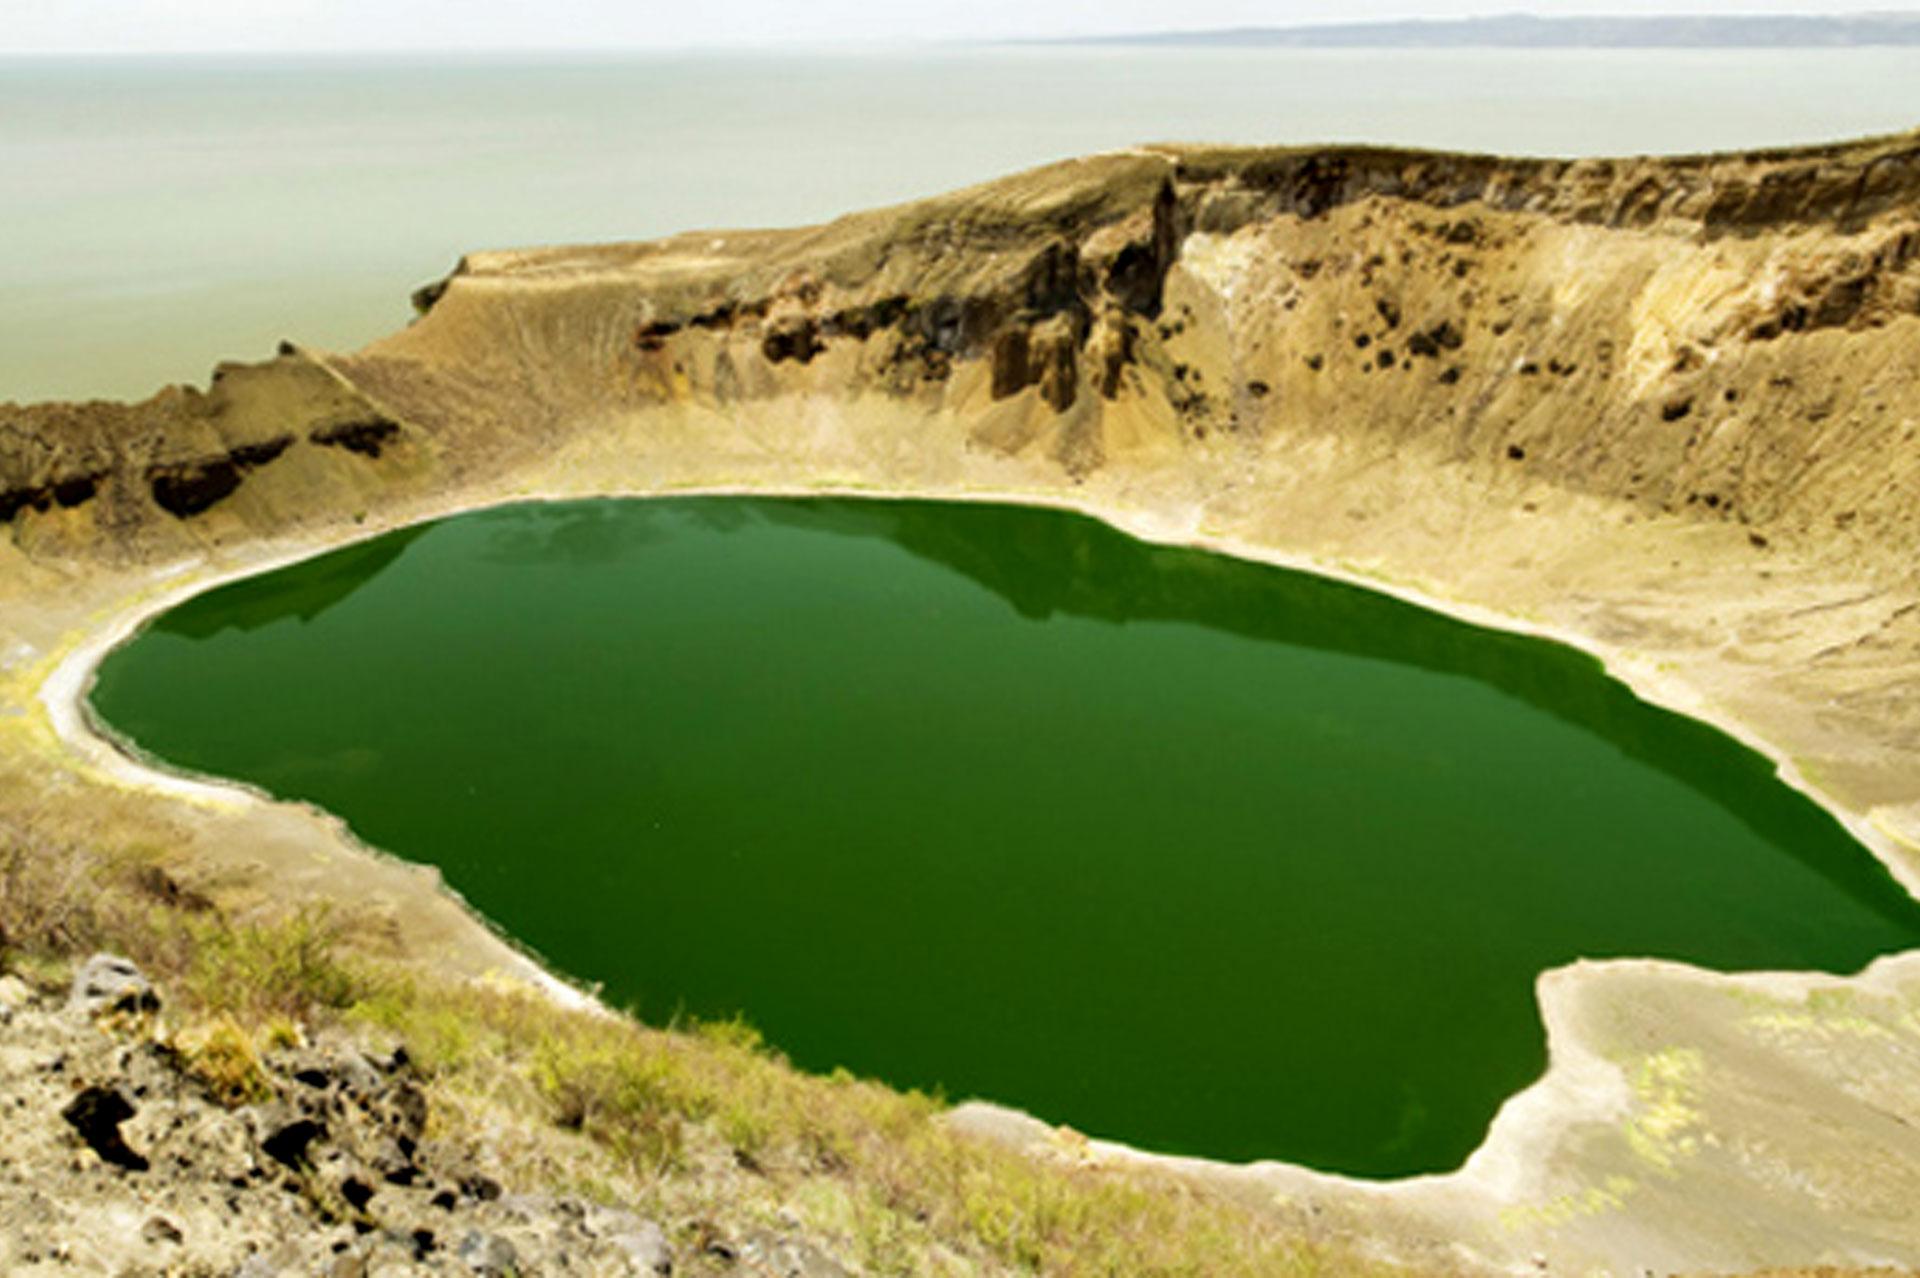 Diani_travel_center_National_Parks_in_Kenya_kora_National_park_image_0